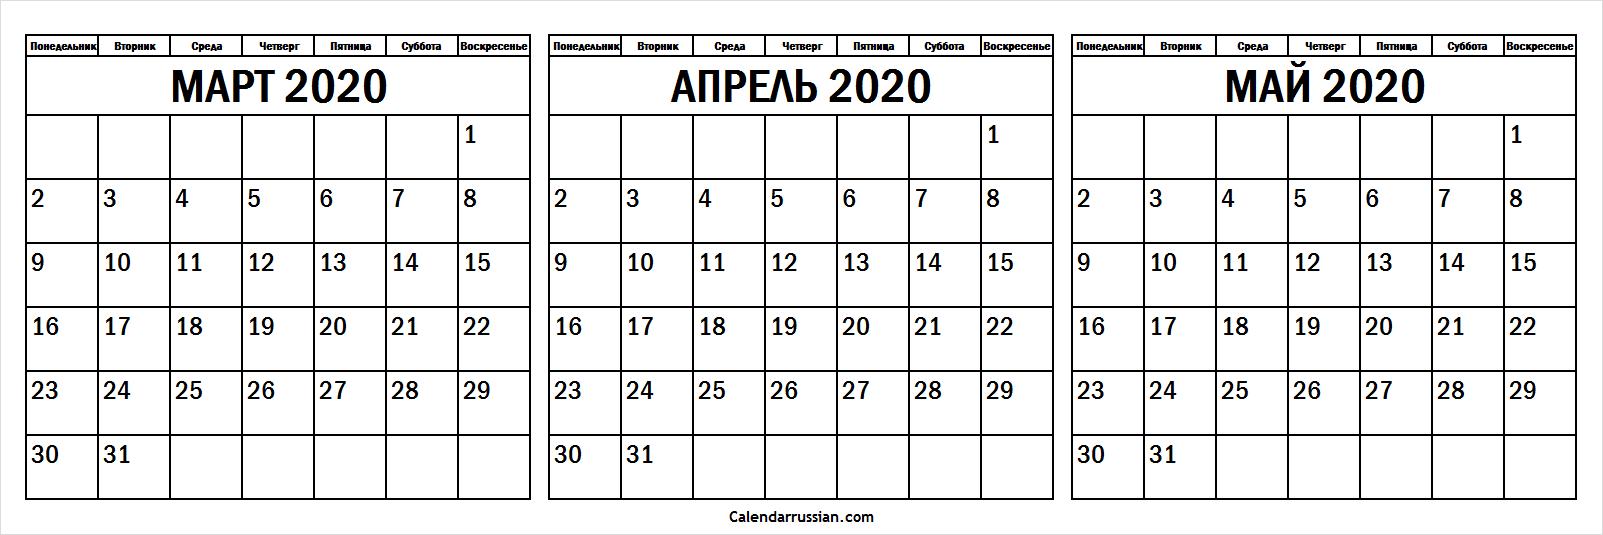 Печать A4 Трехмесячный Март Апрель Май 2020 Календарь regarding Kalendar Kuda May 2020